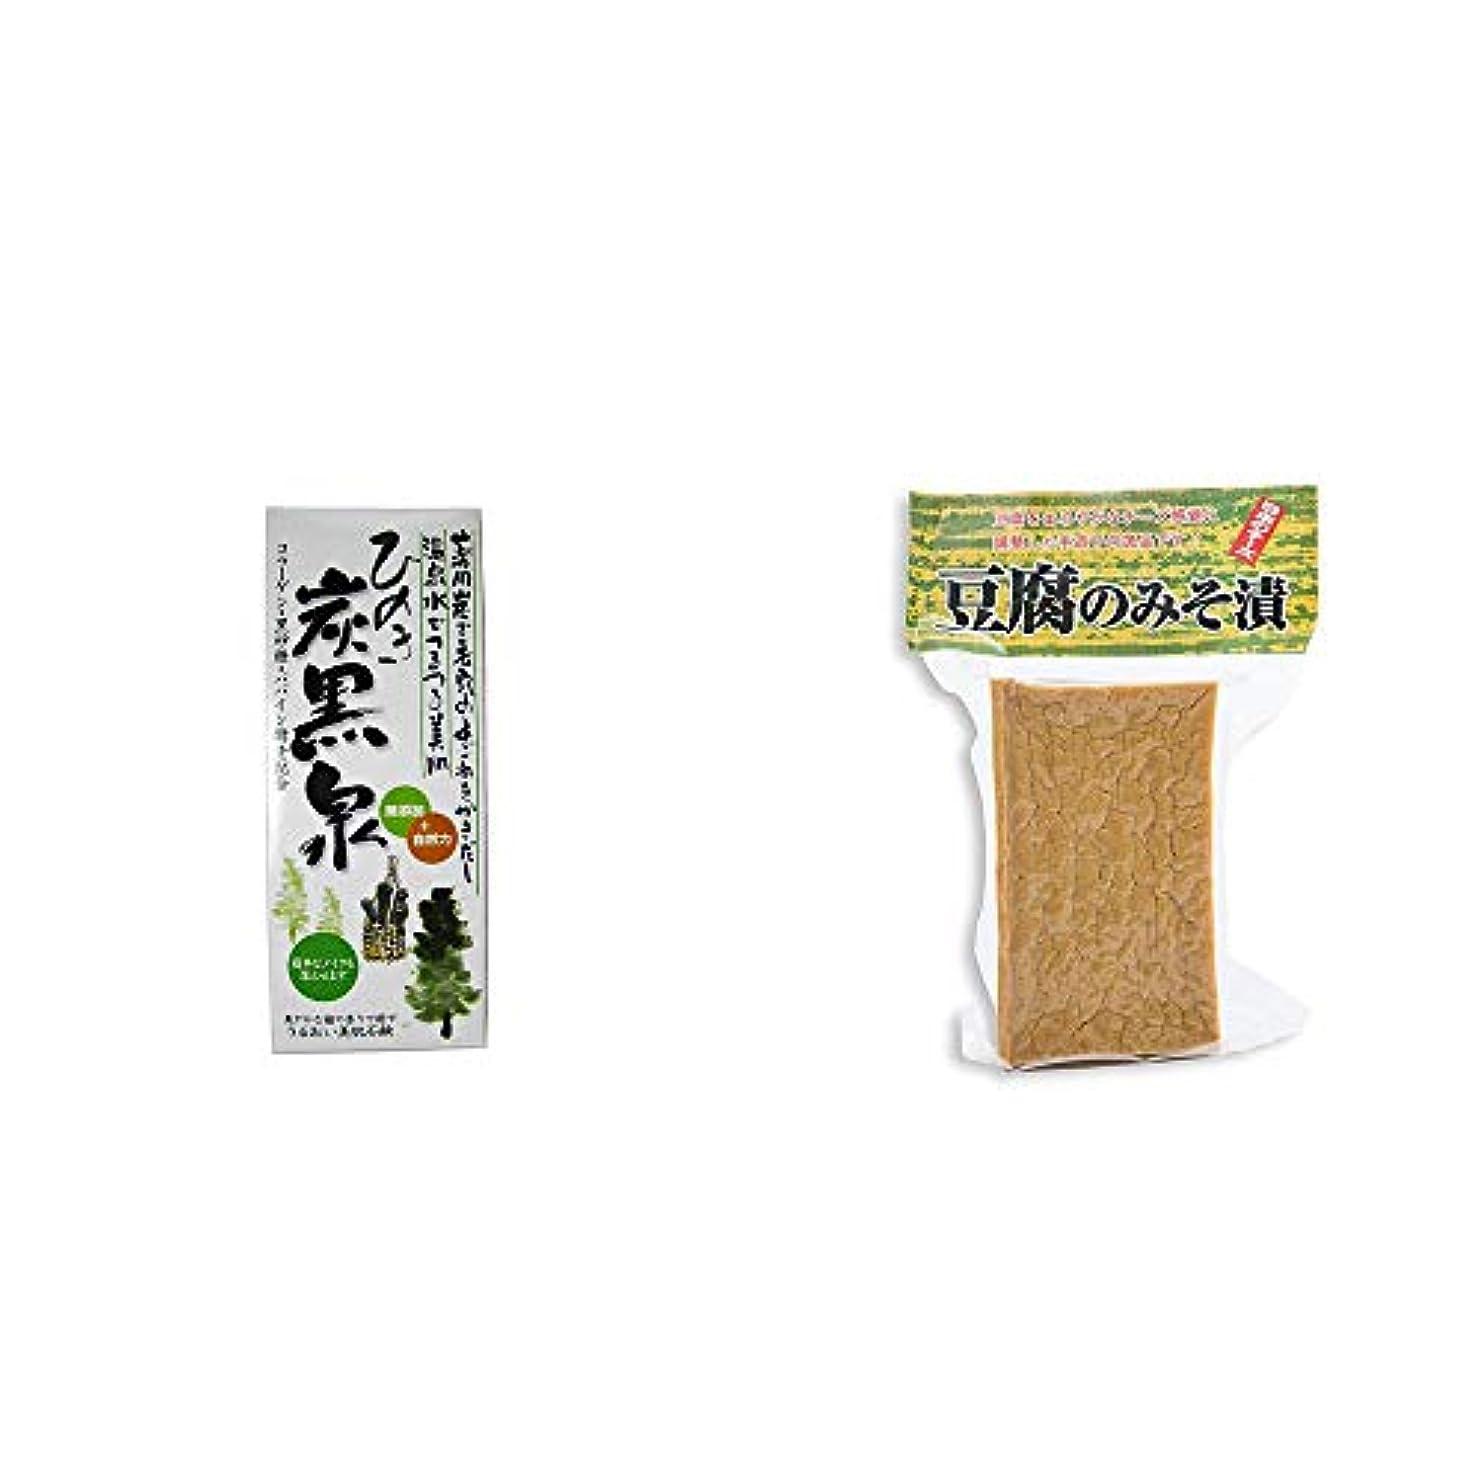 好色なマイナートラック[2点セット] ひのき炭黒泉 箱入り(75g×3)?日本のチーズ 豆腐のみそ漬(1個入)